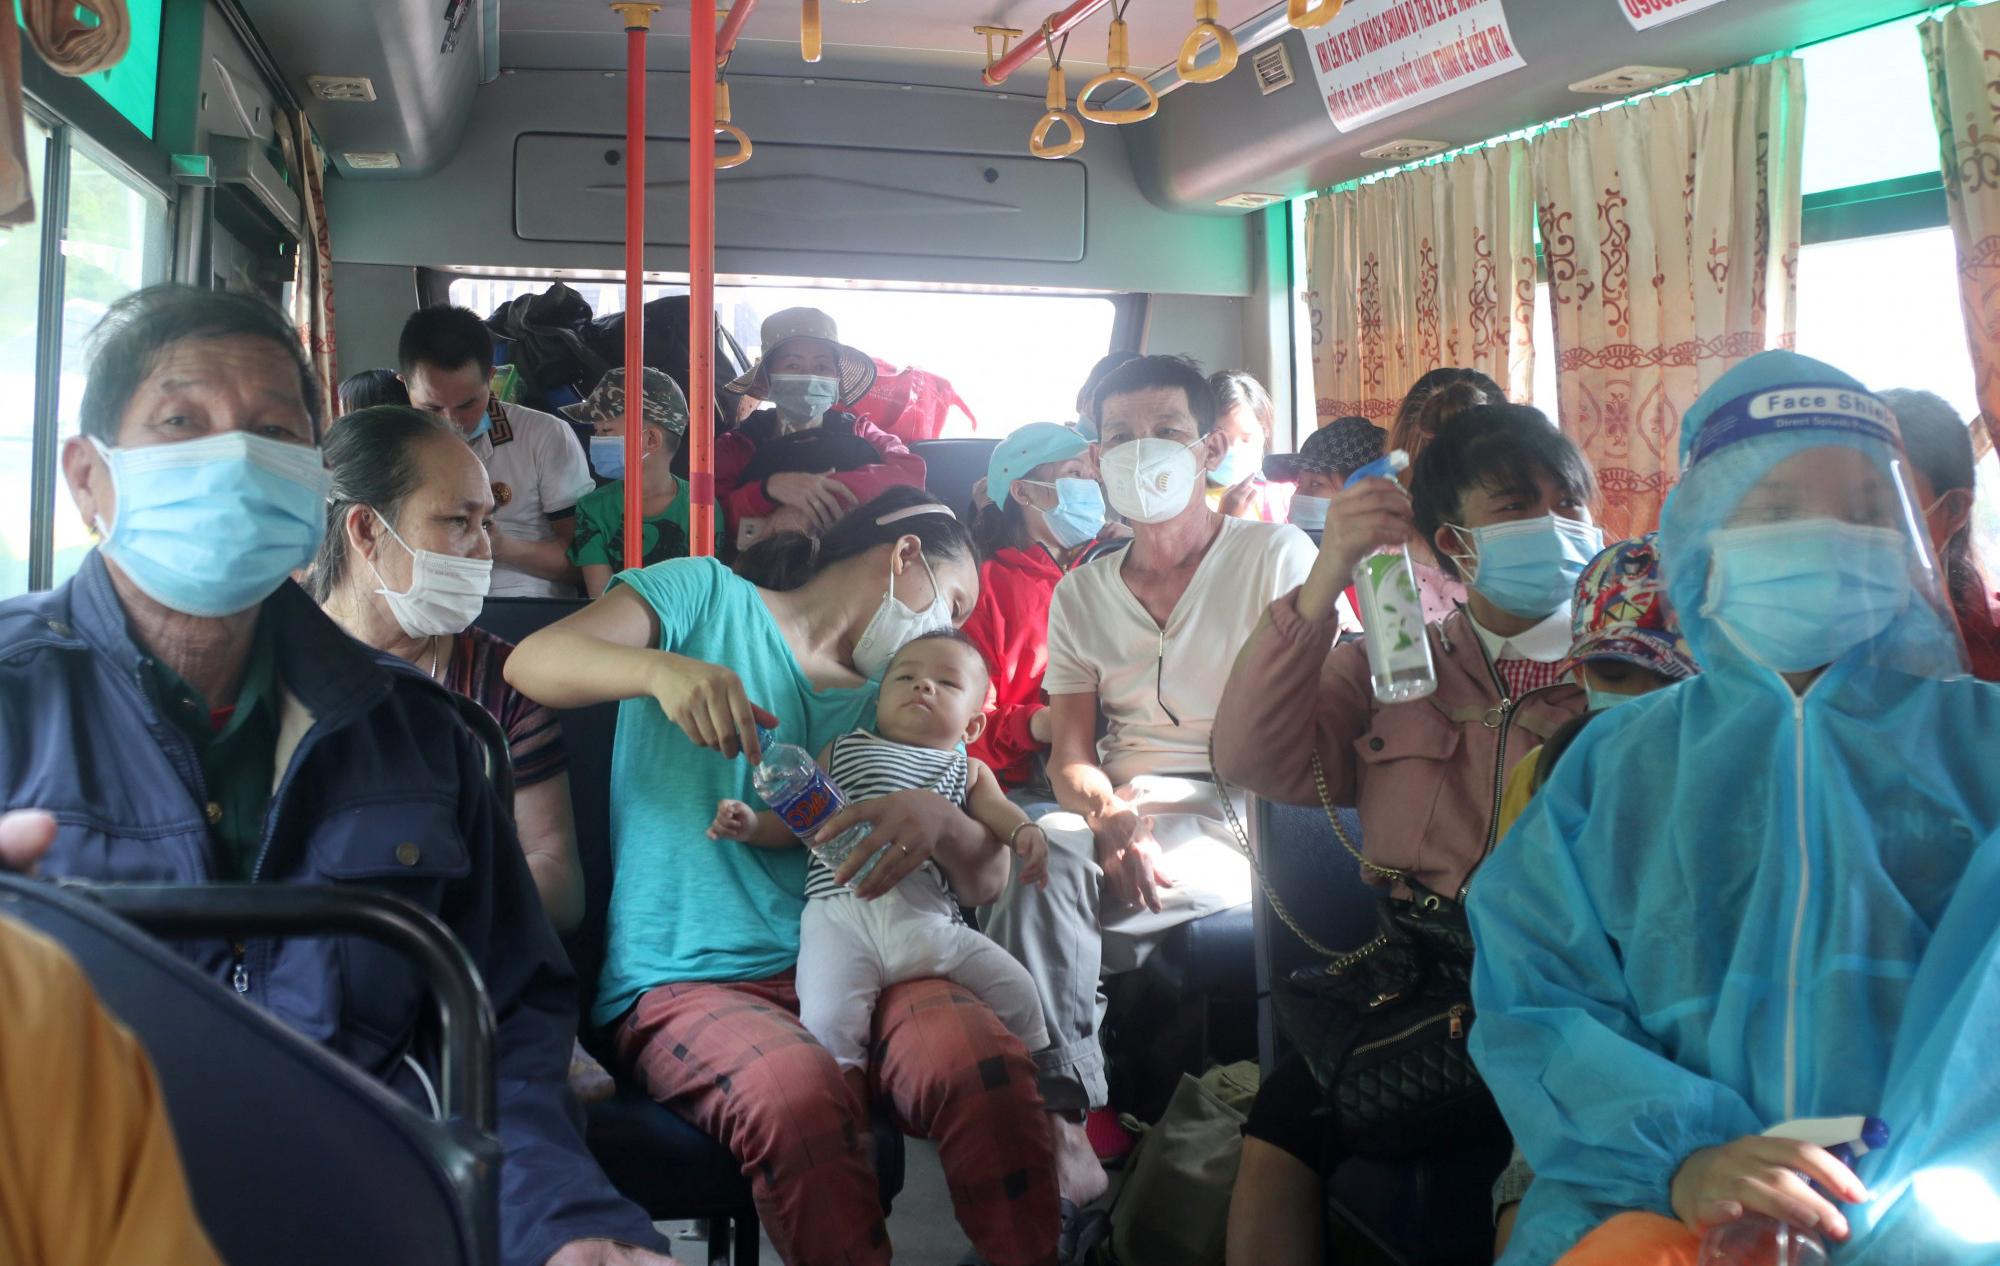 Hàng chục xe khách, xe buýt được huy động chở người dân Nghệ An về bàn giao cho các địa phương